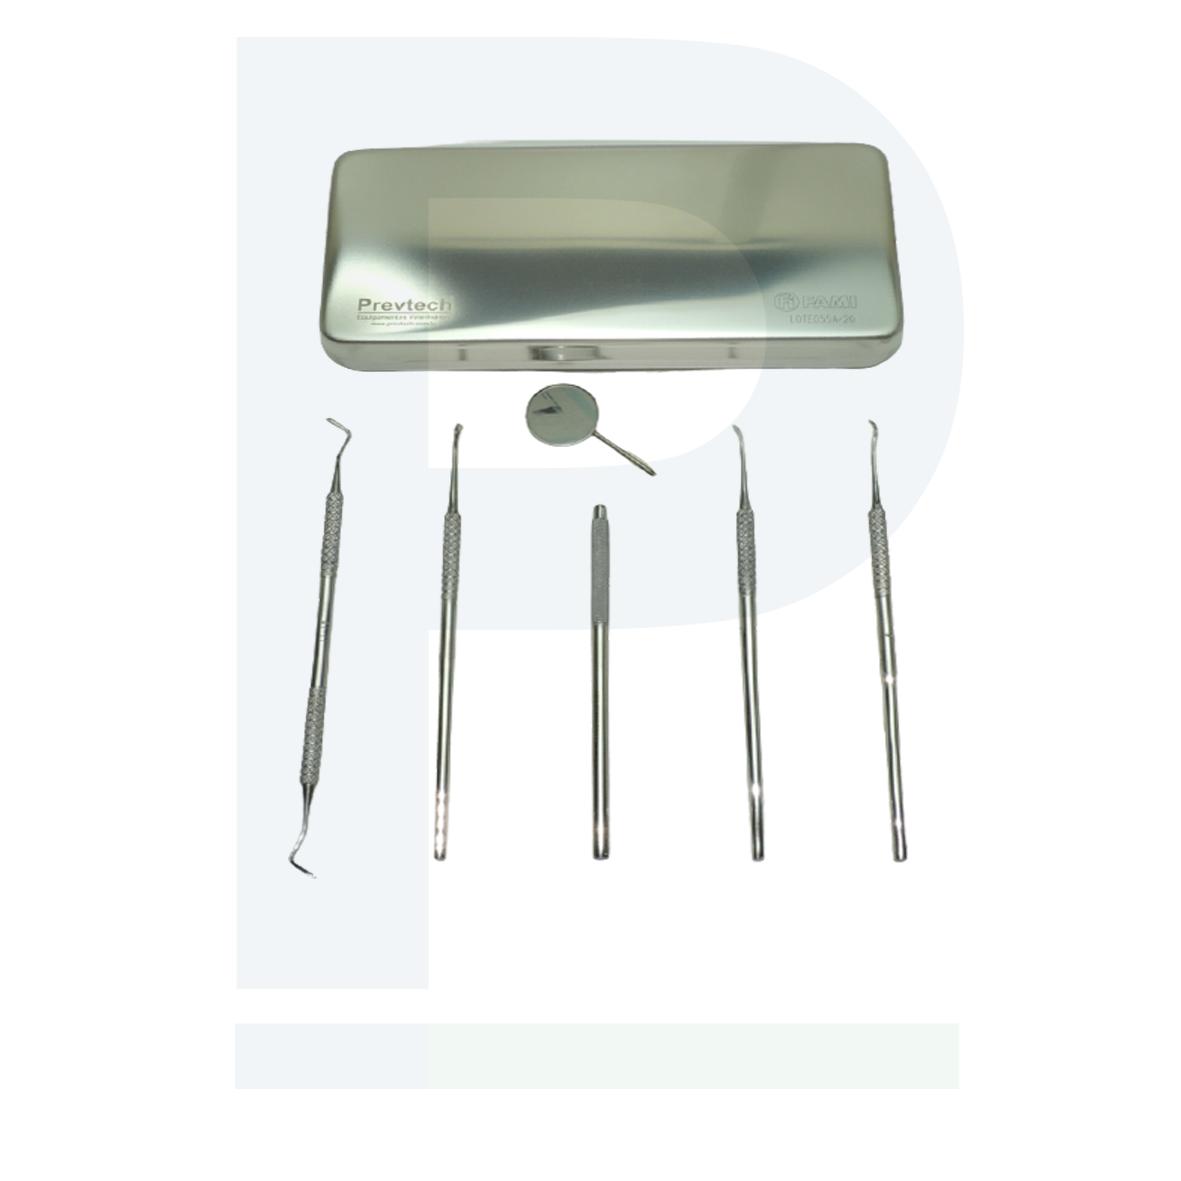 Kit Odontológico 7 Peças - Extração de tártaro